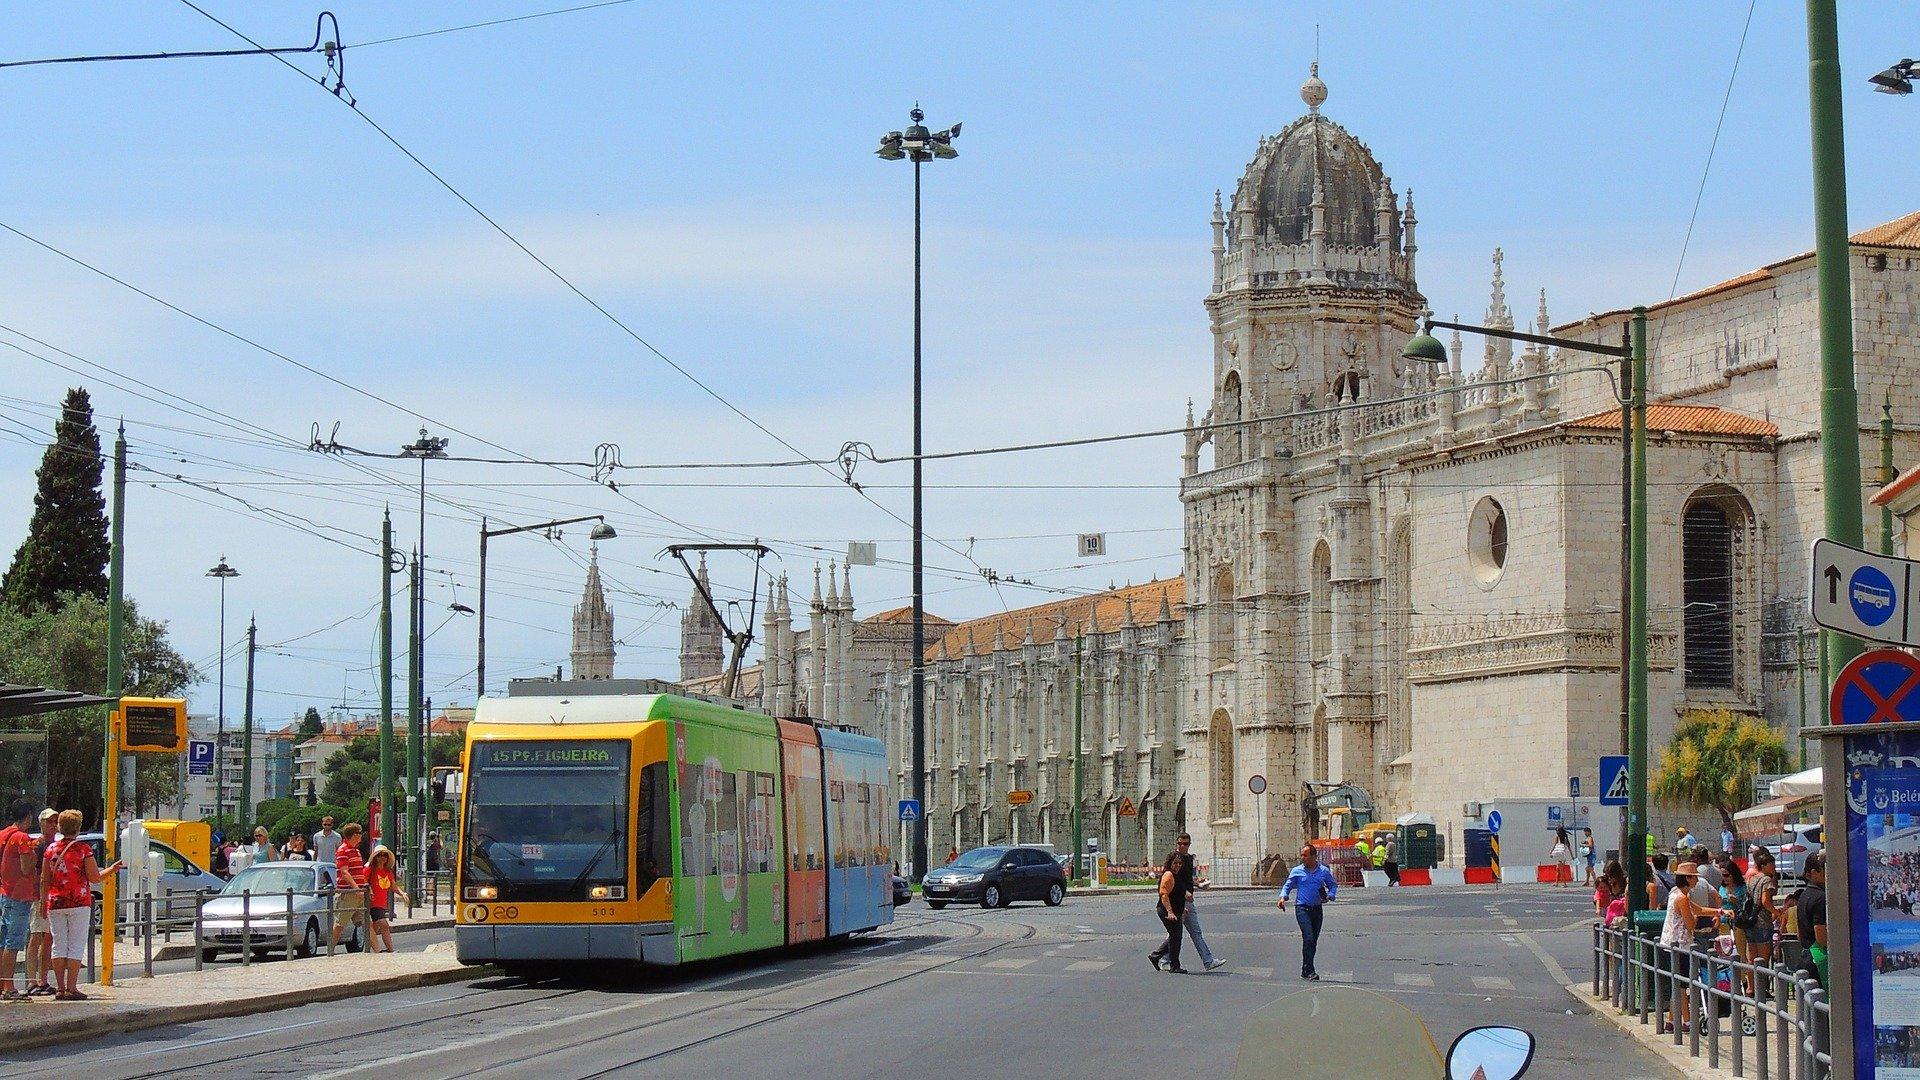 Современный трамвай в Лиссабоне